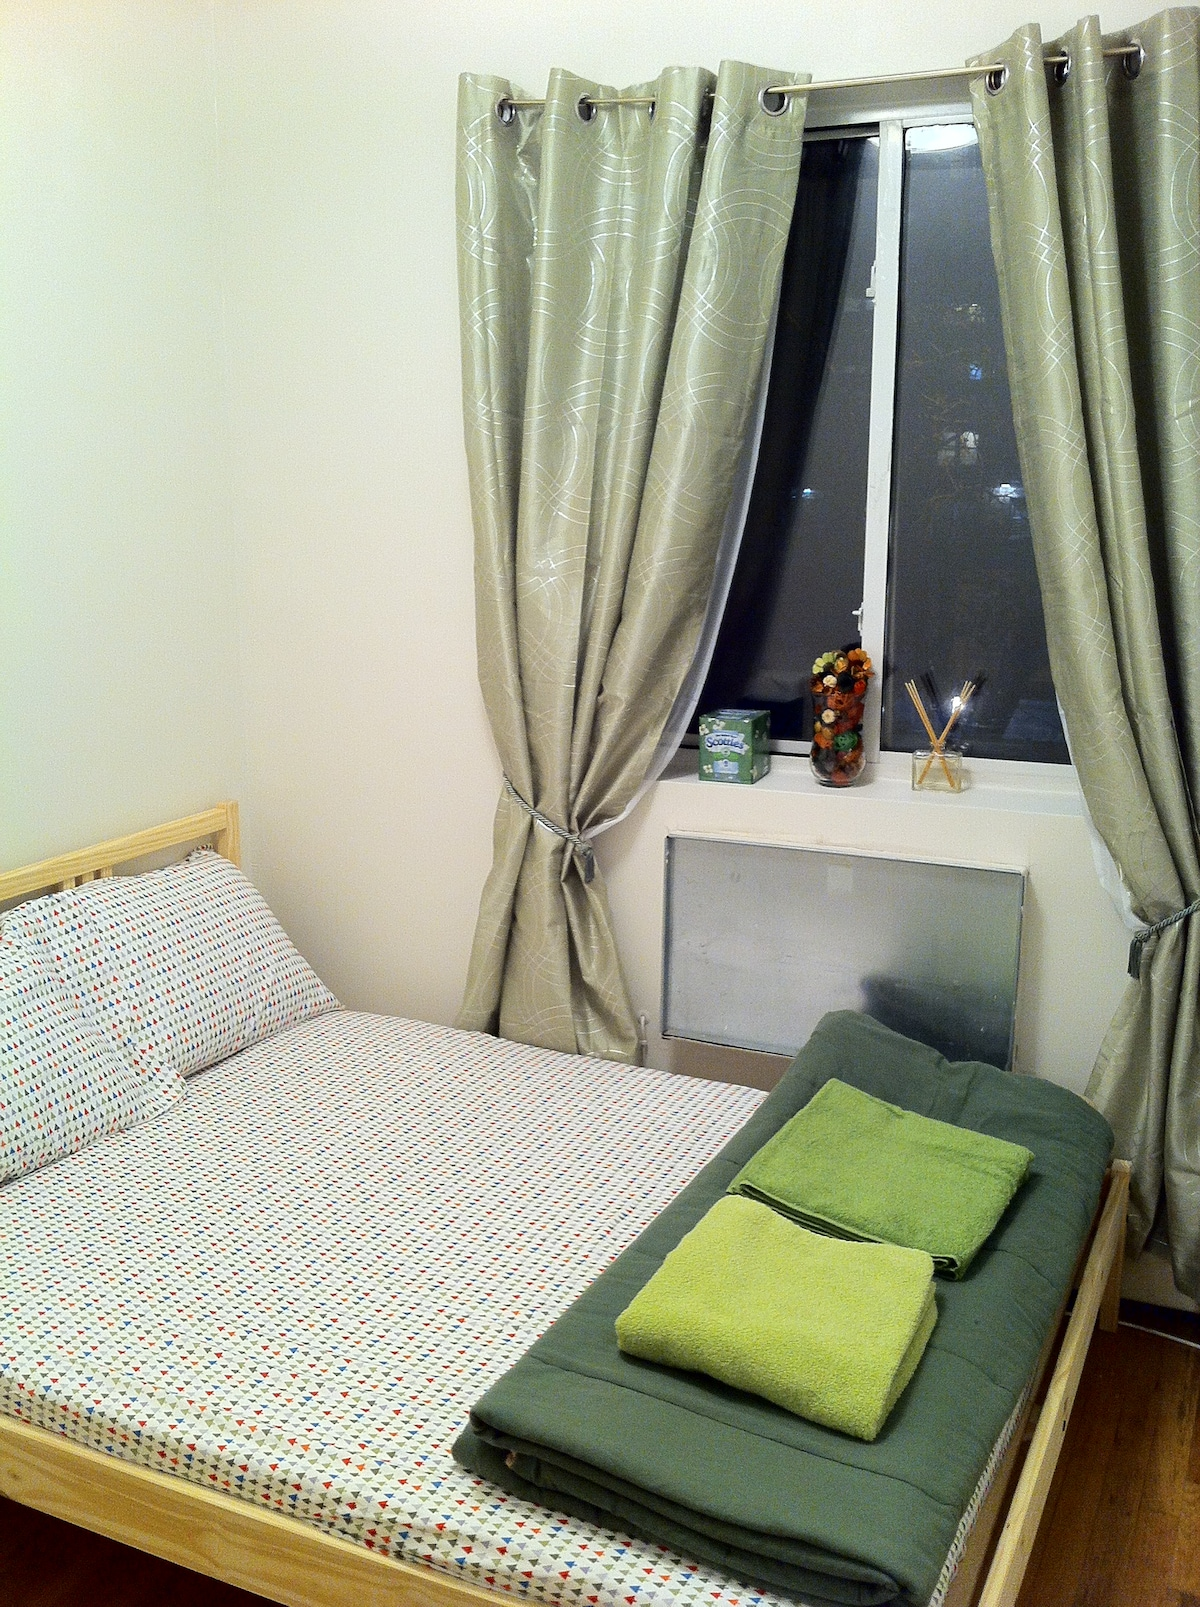 Home Sweet Room-EMERALD-Queens NYC!